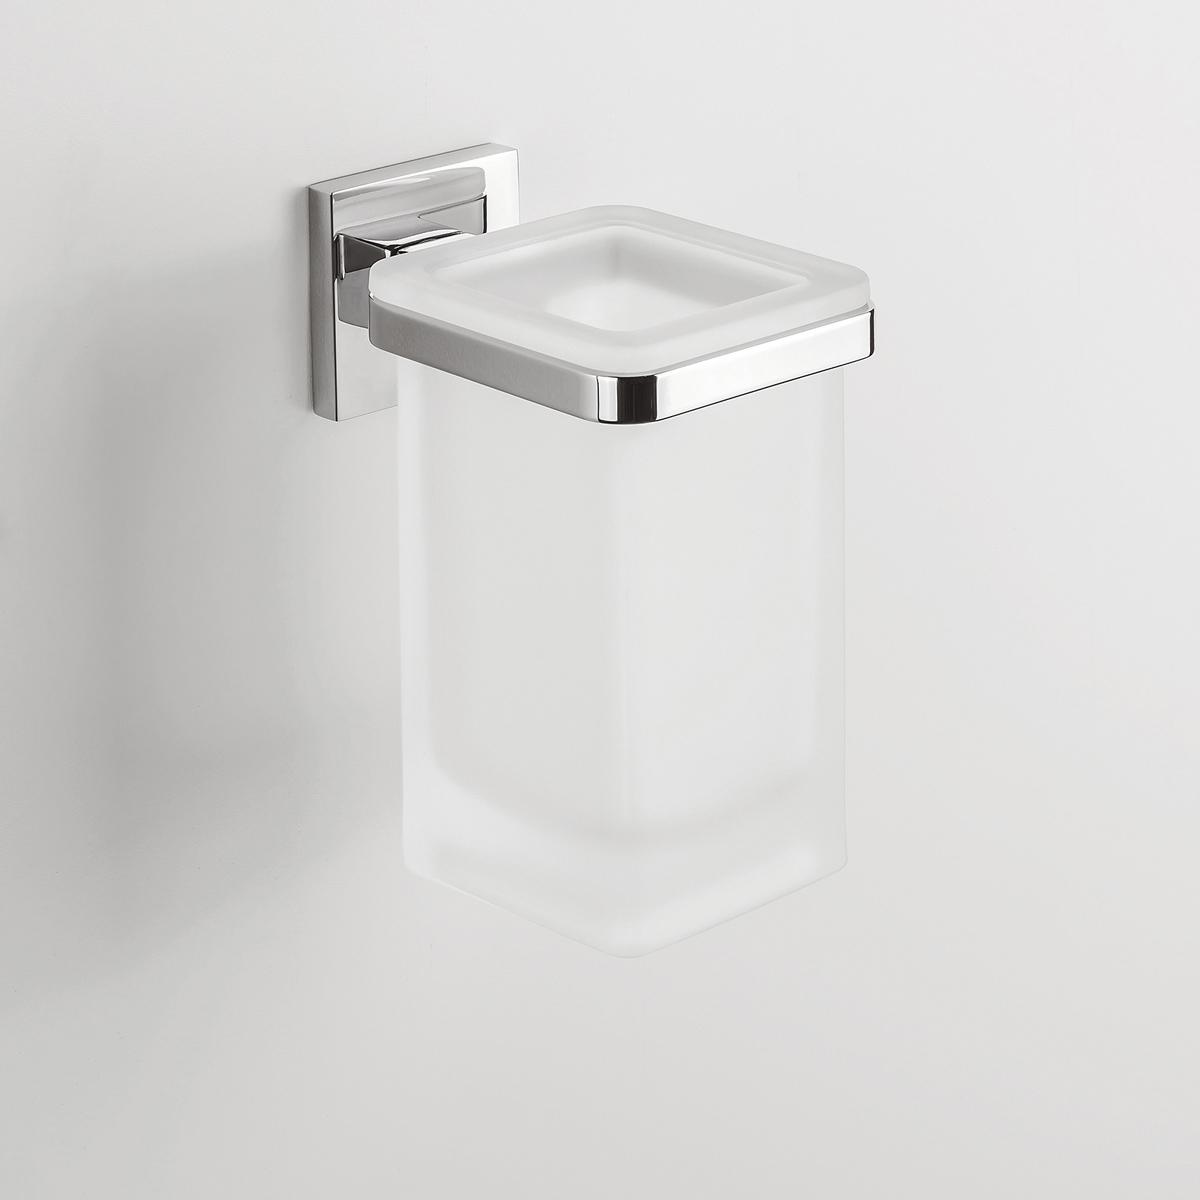 Serie Completa Accessori Bagno.Porta Bicchiere Da Parete Accessori Bagno Colombo Design Serie Basic Q Sintesibagno Shop Online